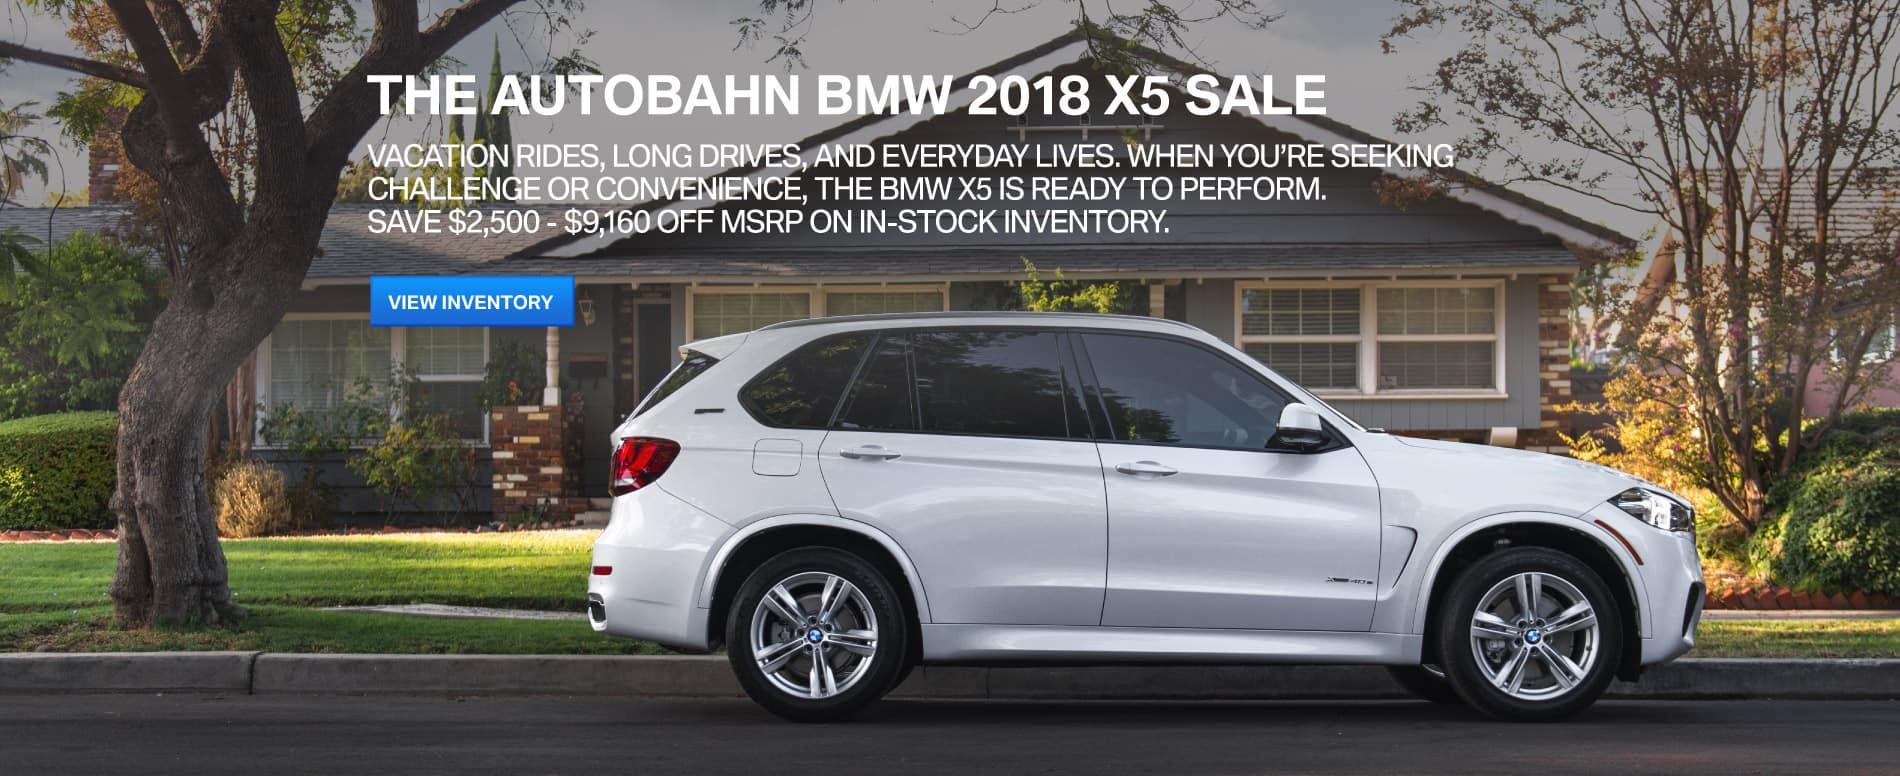 Autobahn BMW   X5 Sale